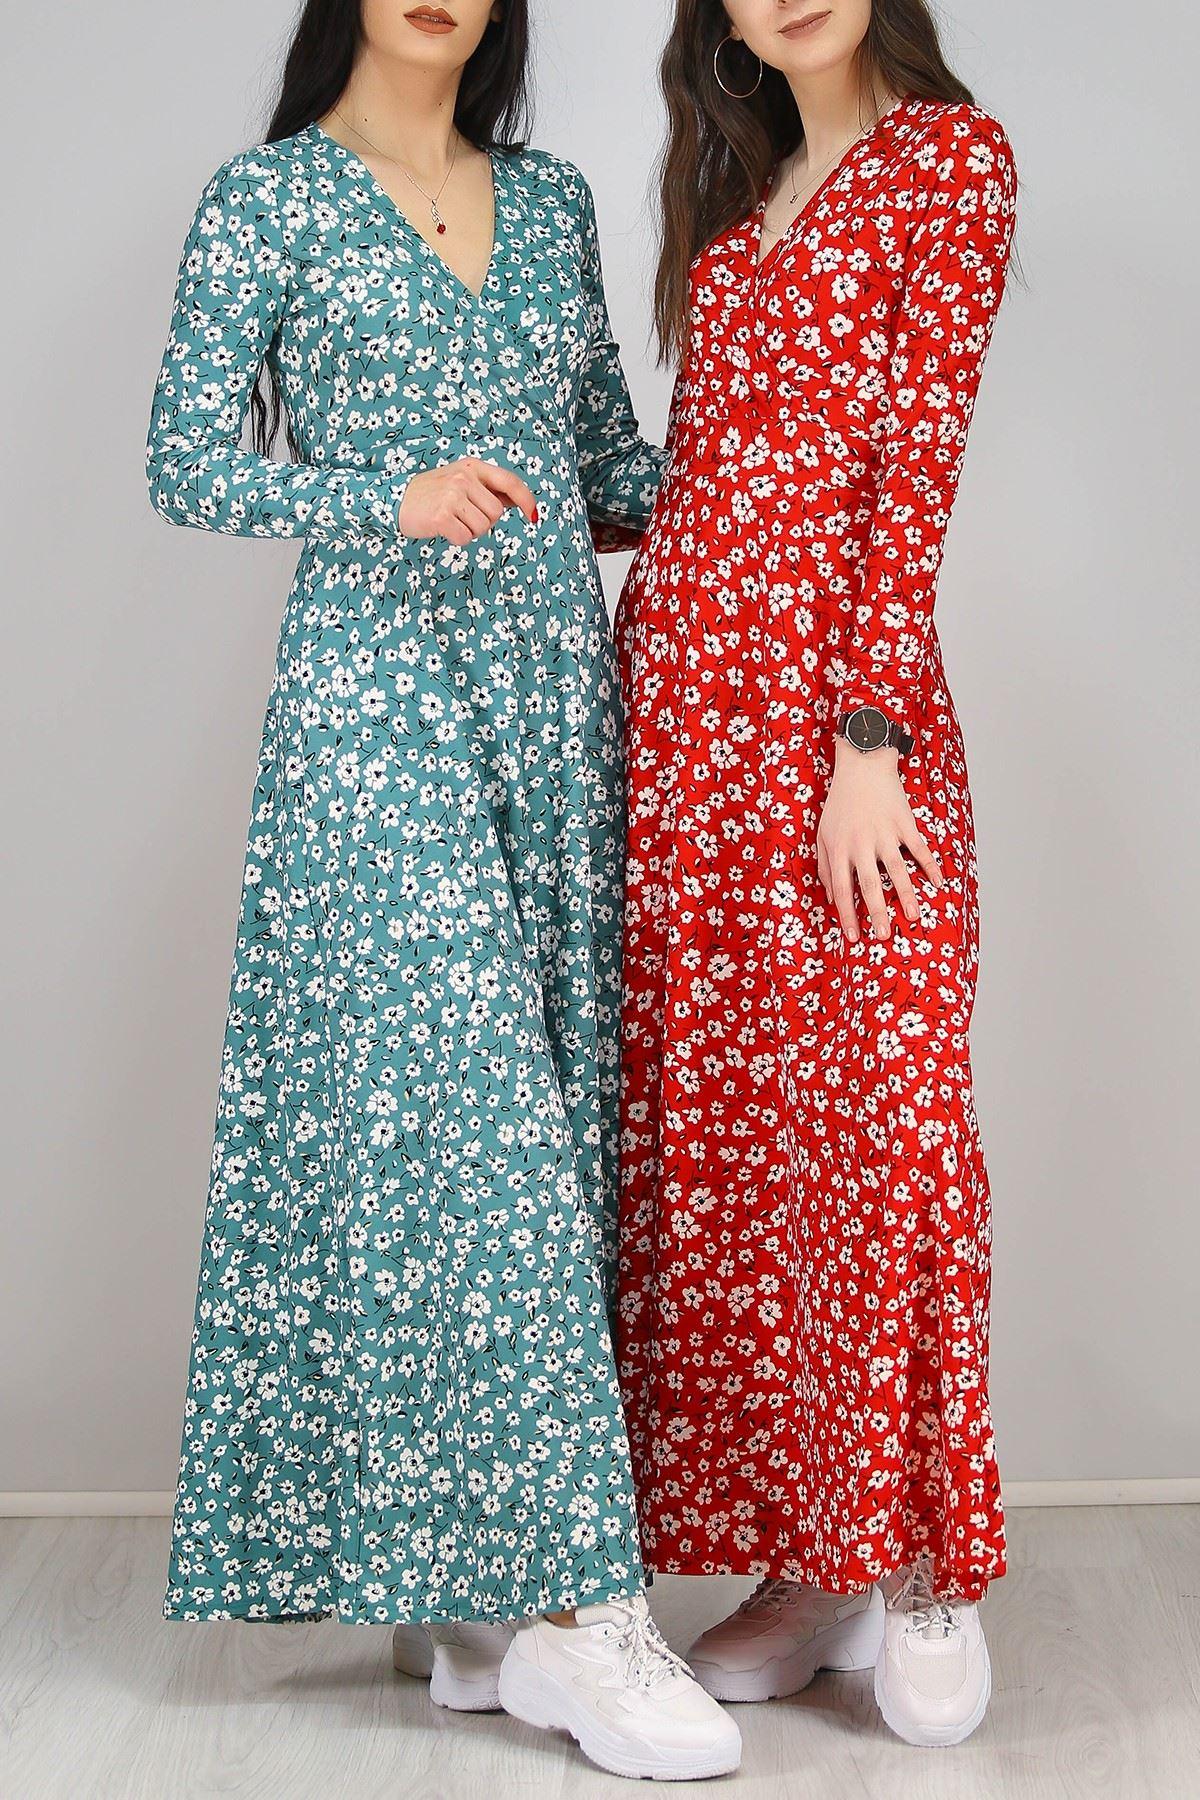 Çiçekli Elbise Kırmızı - 4987.716.